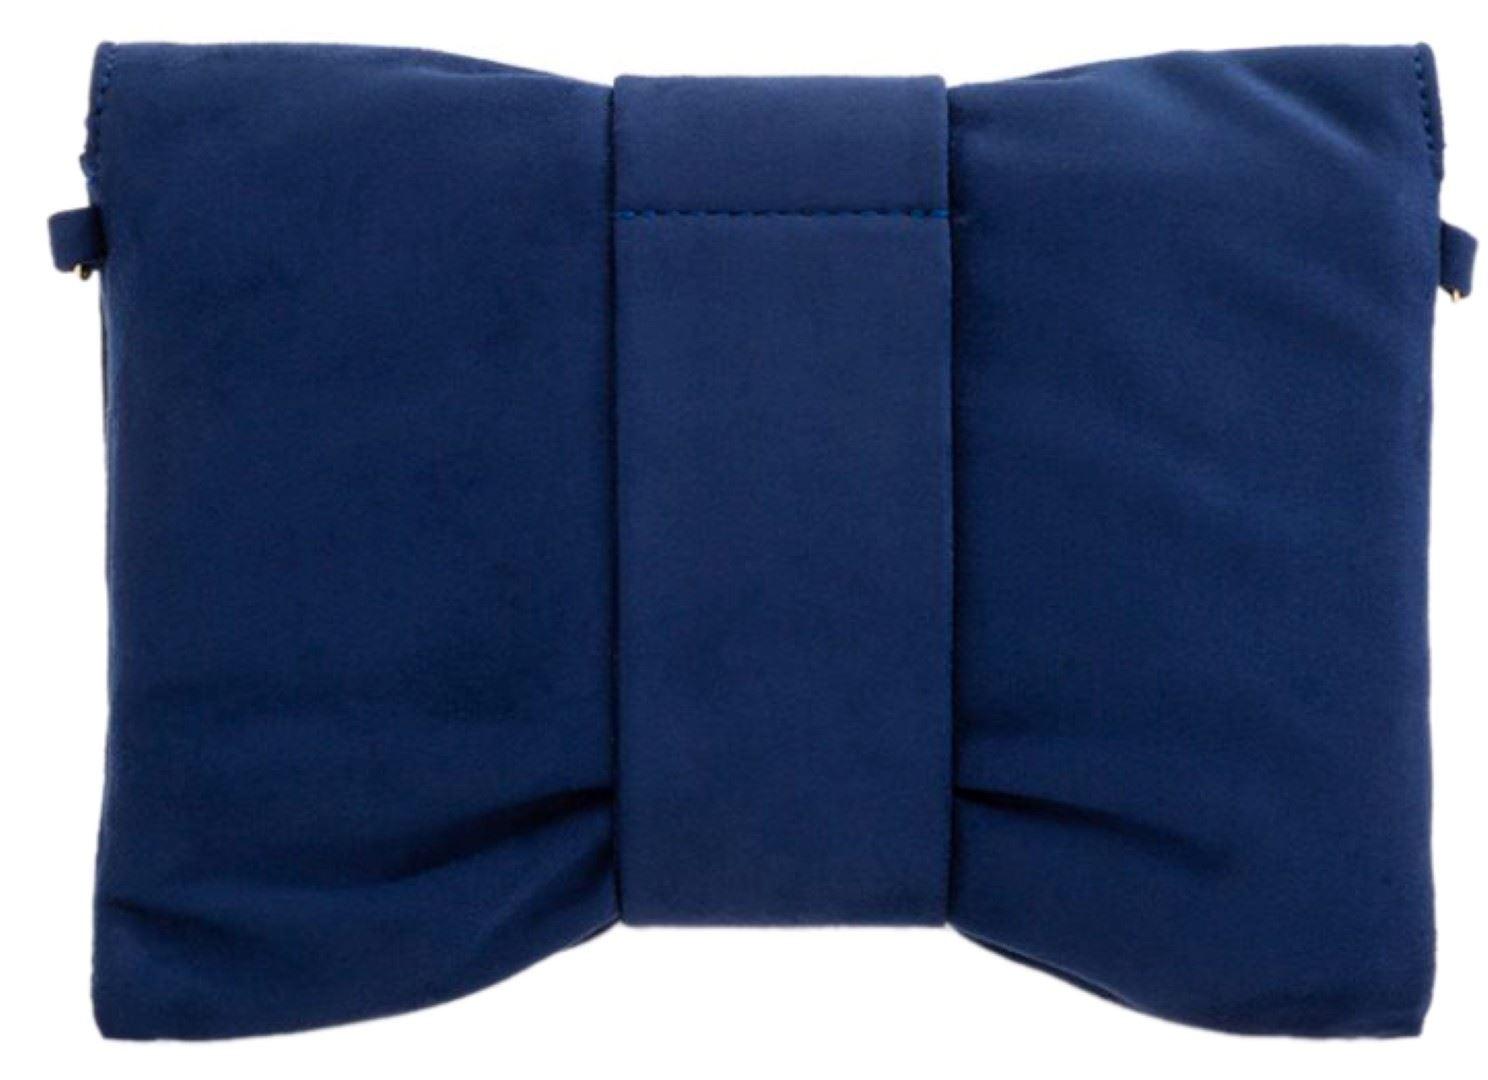 sac pochette femme guess,pochette femme bleu roi,pochette